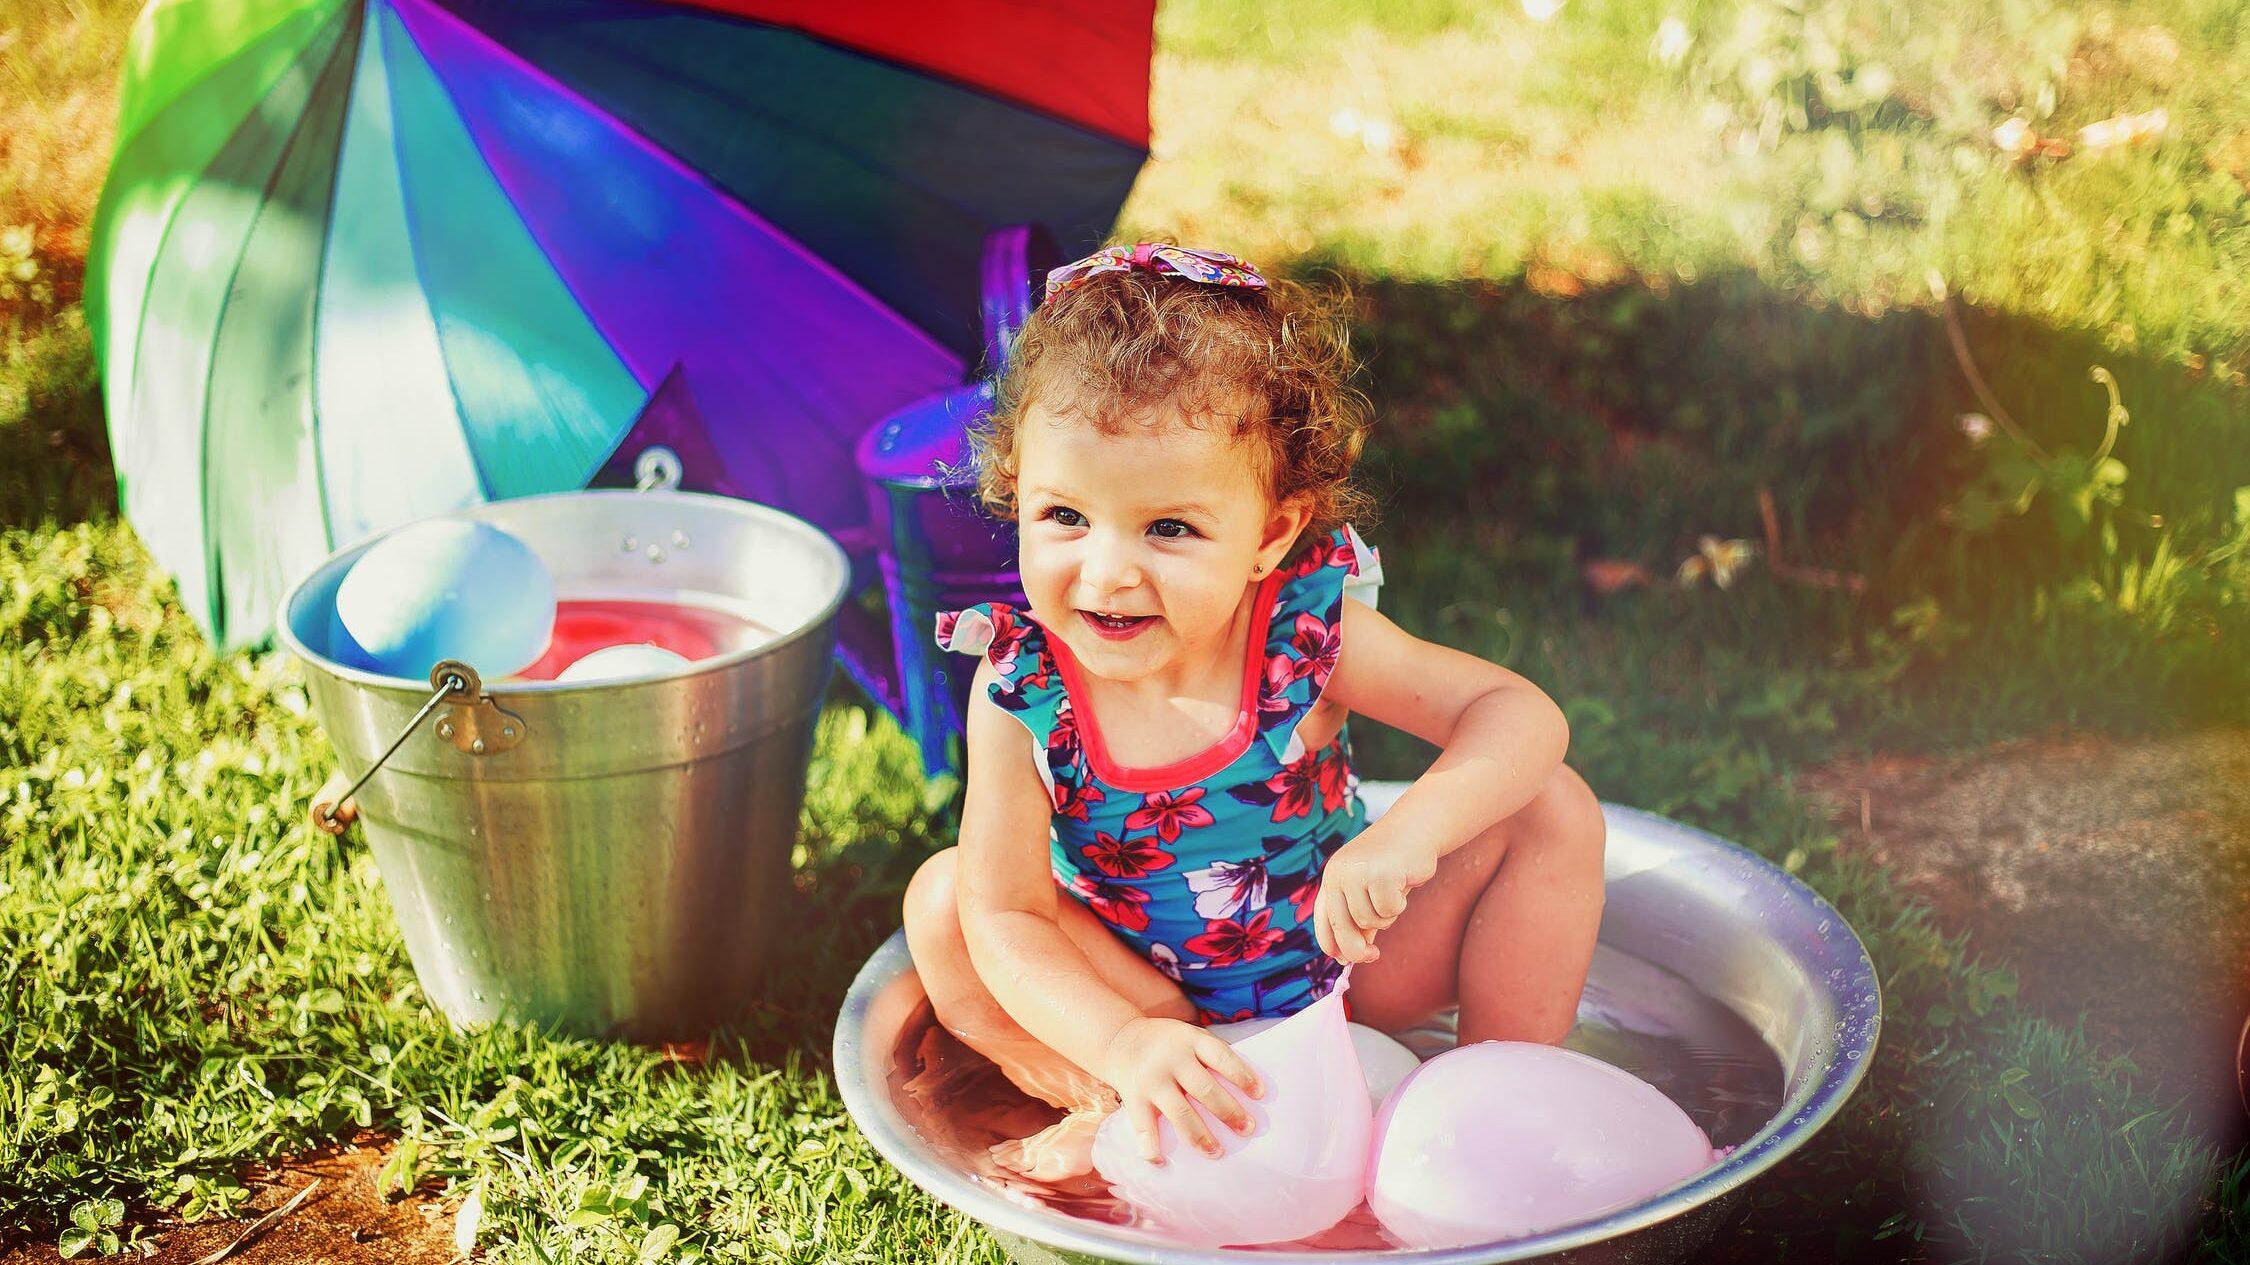 お風呂のクレヨンが落ちないのイメージ画像2